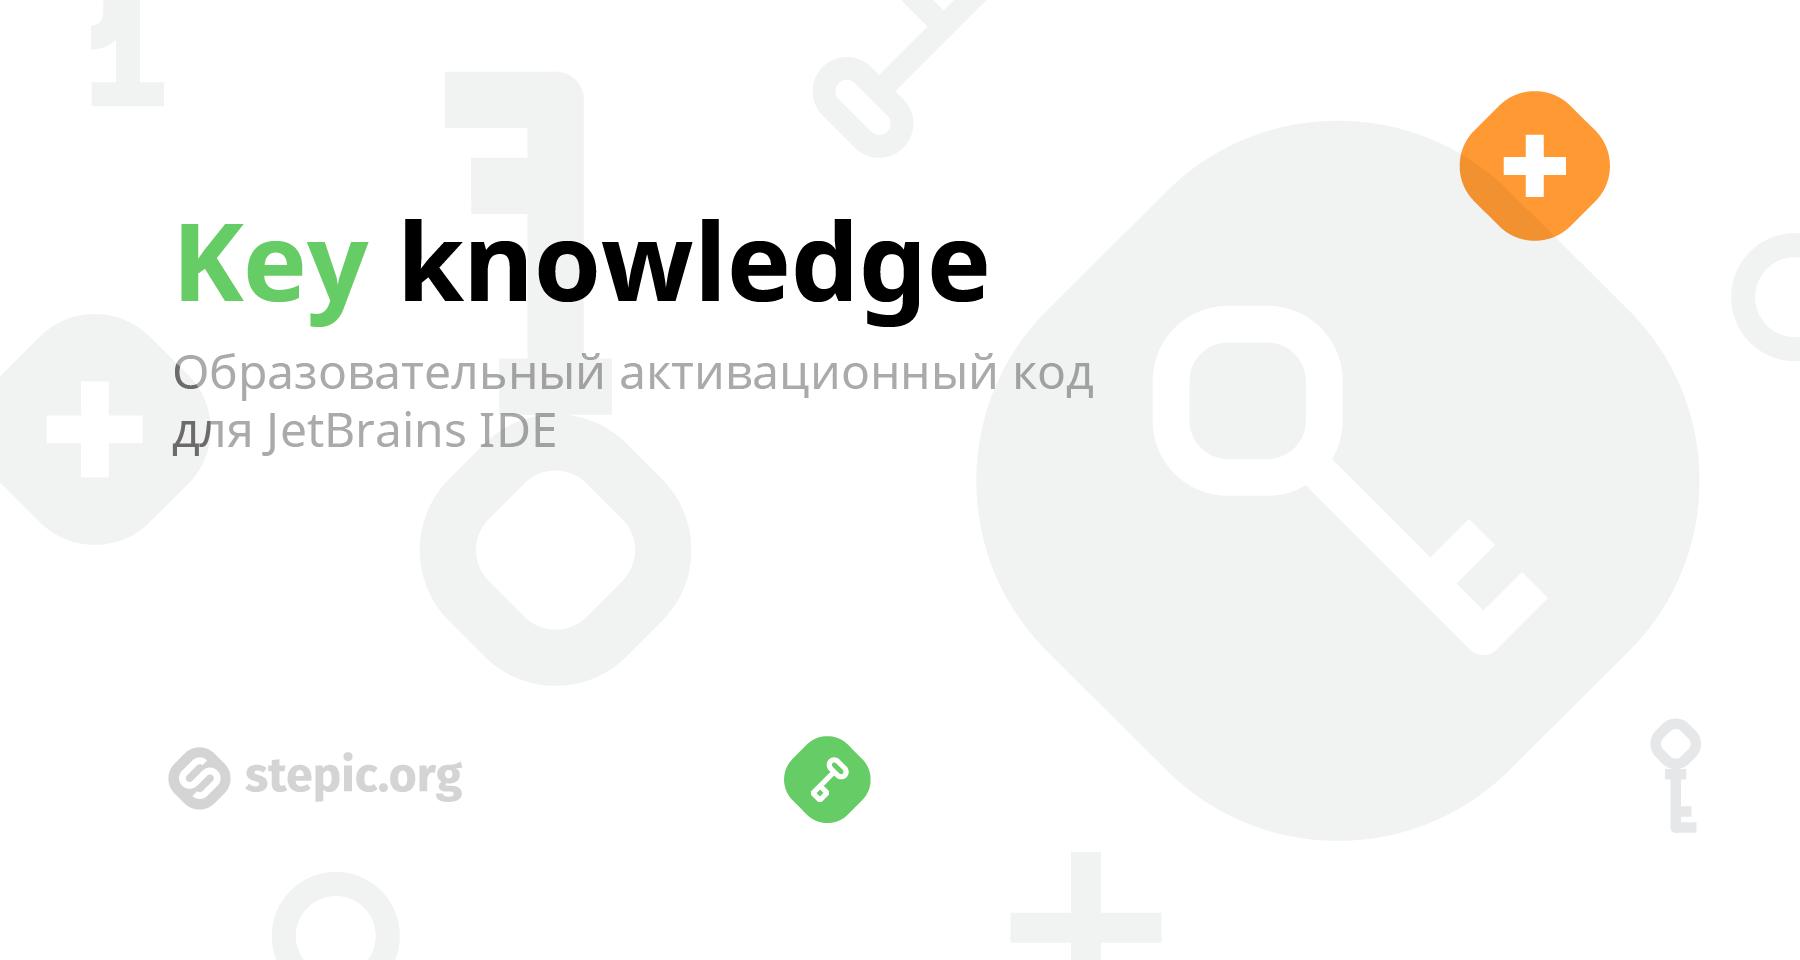 Ключ от продуктов JetBrains всем учащимся на Stepic.org